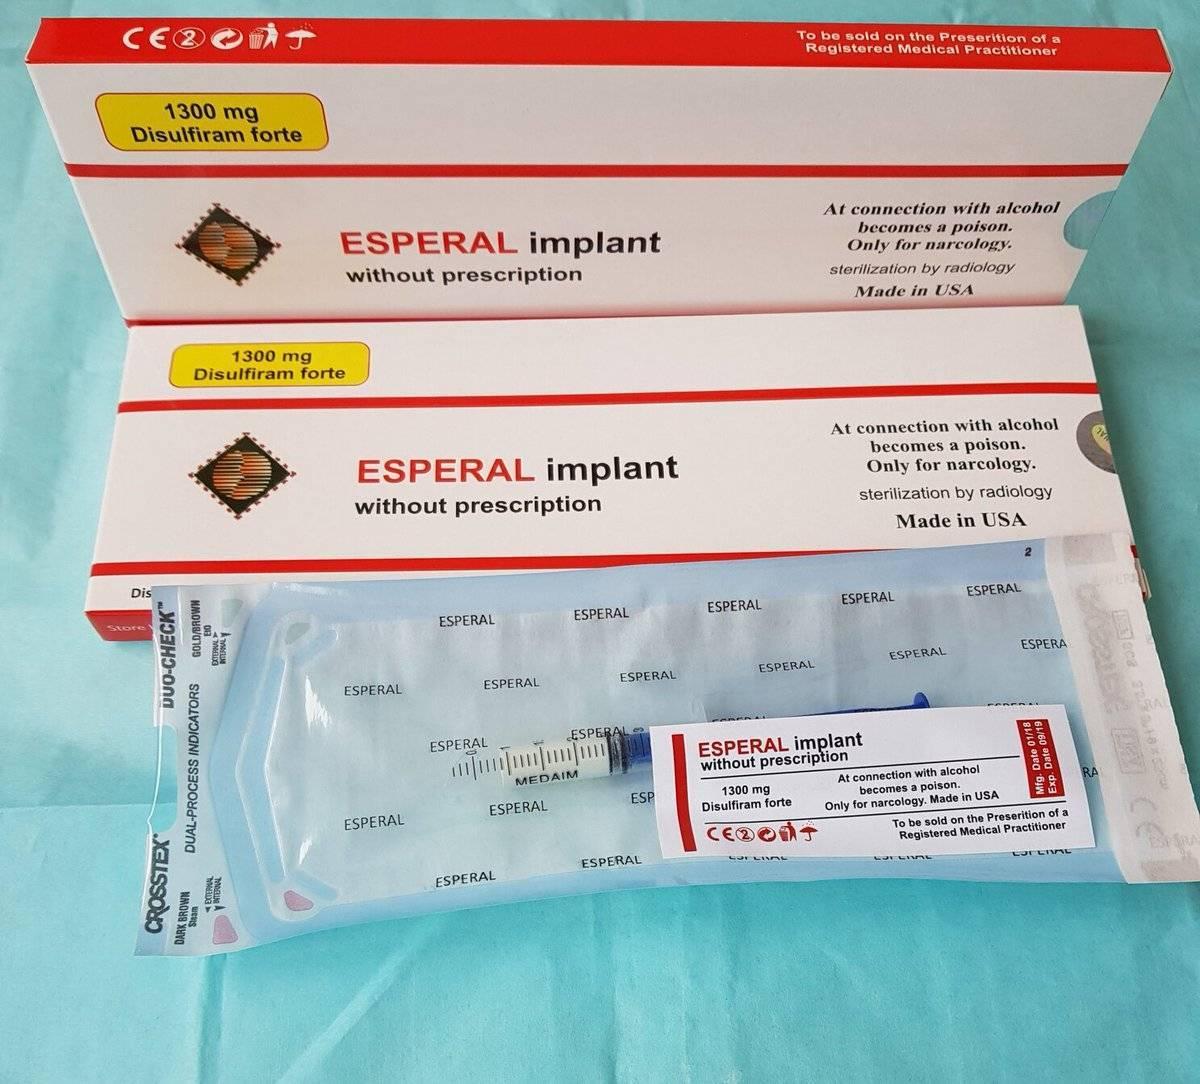 Эспераль (гель) под лопатку: отзывы, состав препарата, срок действия кодирования и результаты